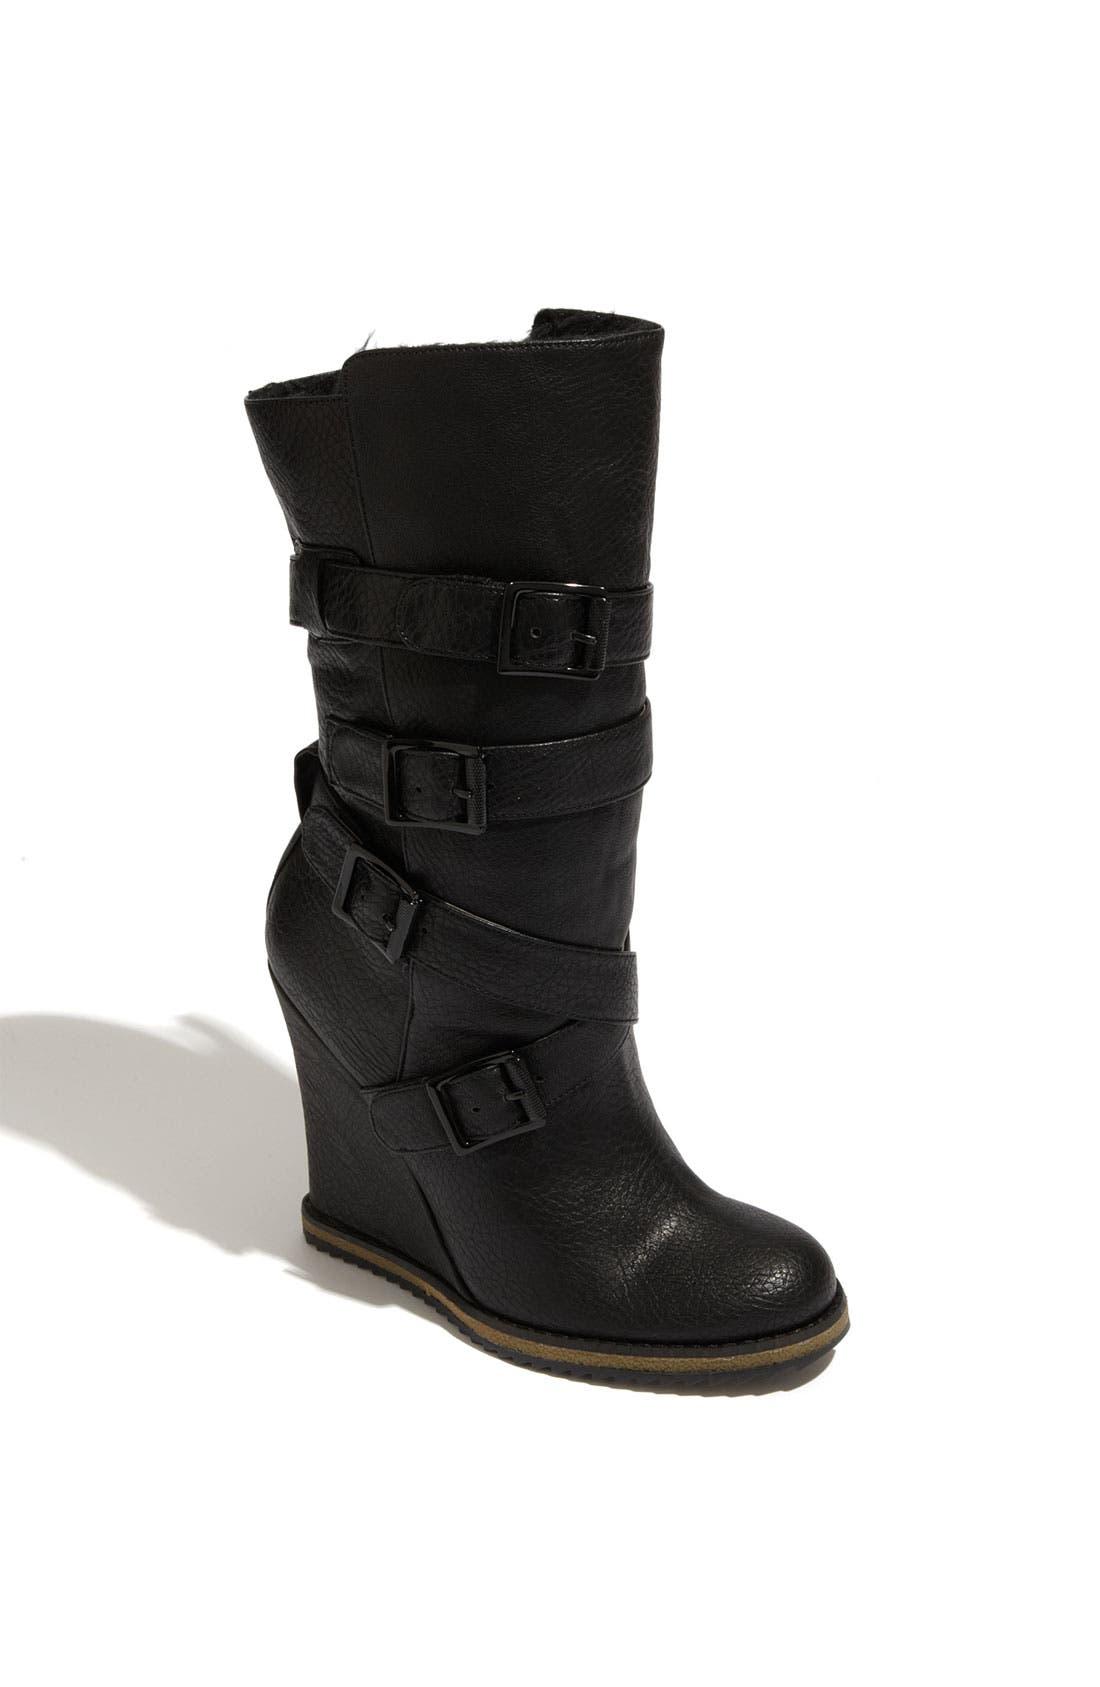 Alternate Image 1 Selected - Sam Edelman 'Teresa' Boot